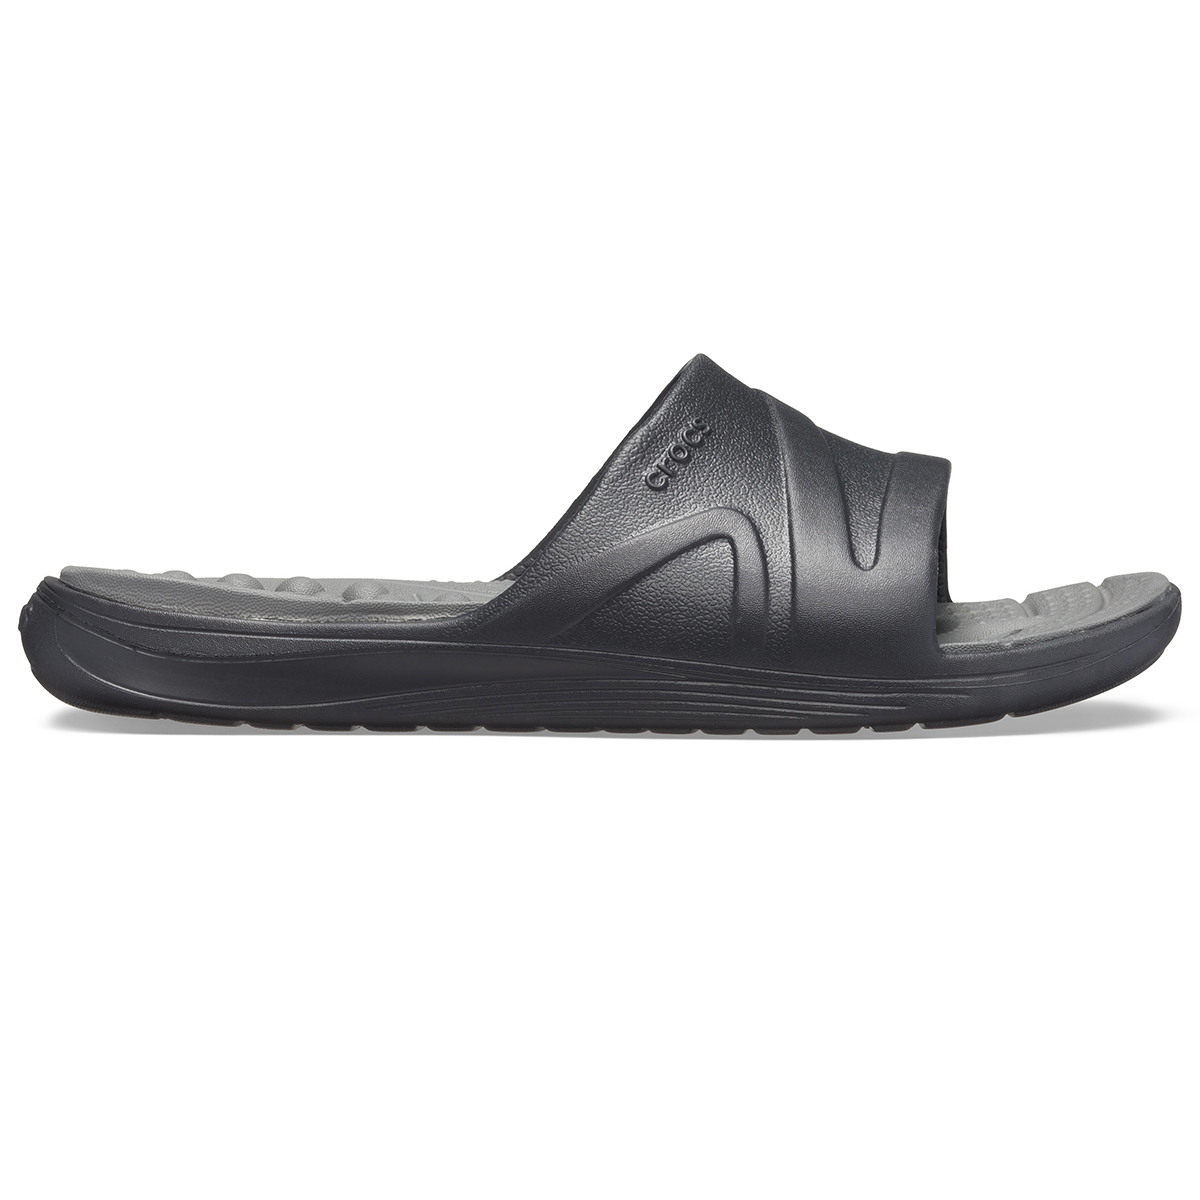 Crocs Reviva Slide - Siyah/Barut Rengi